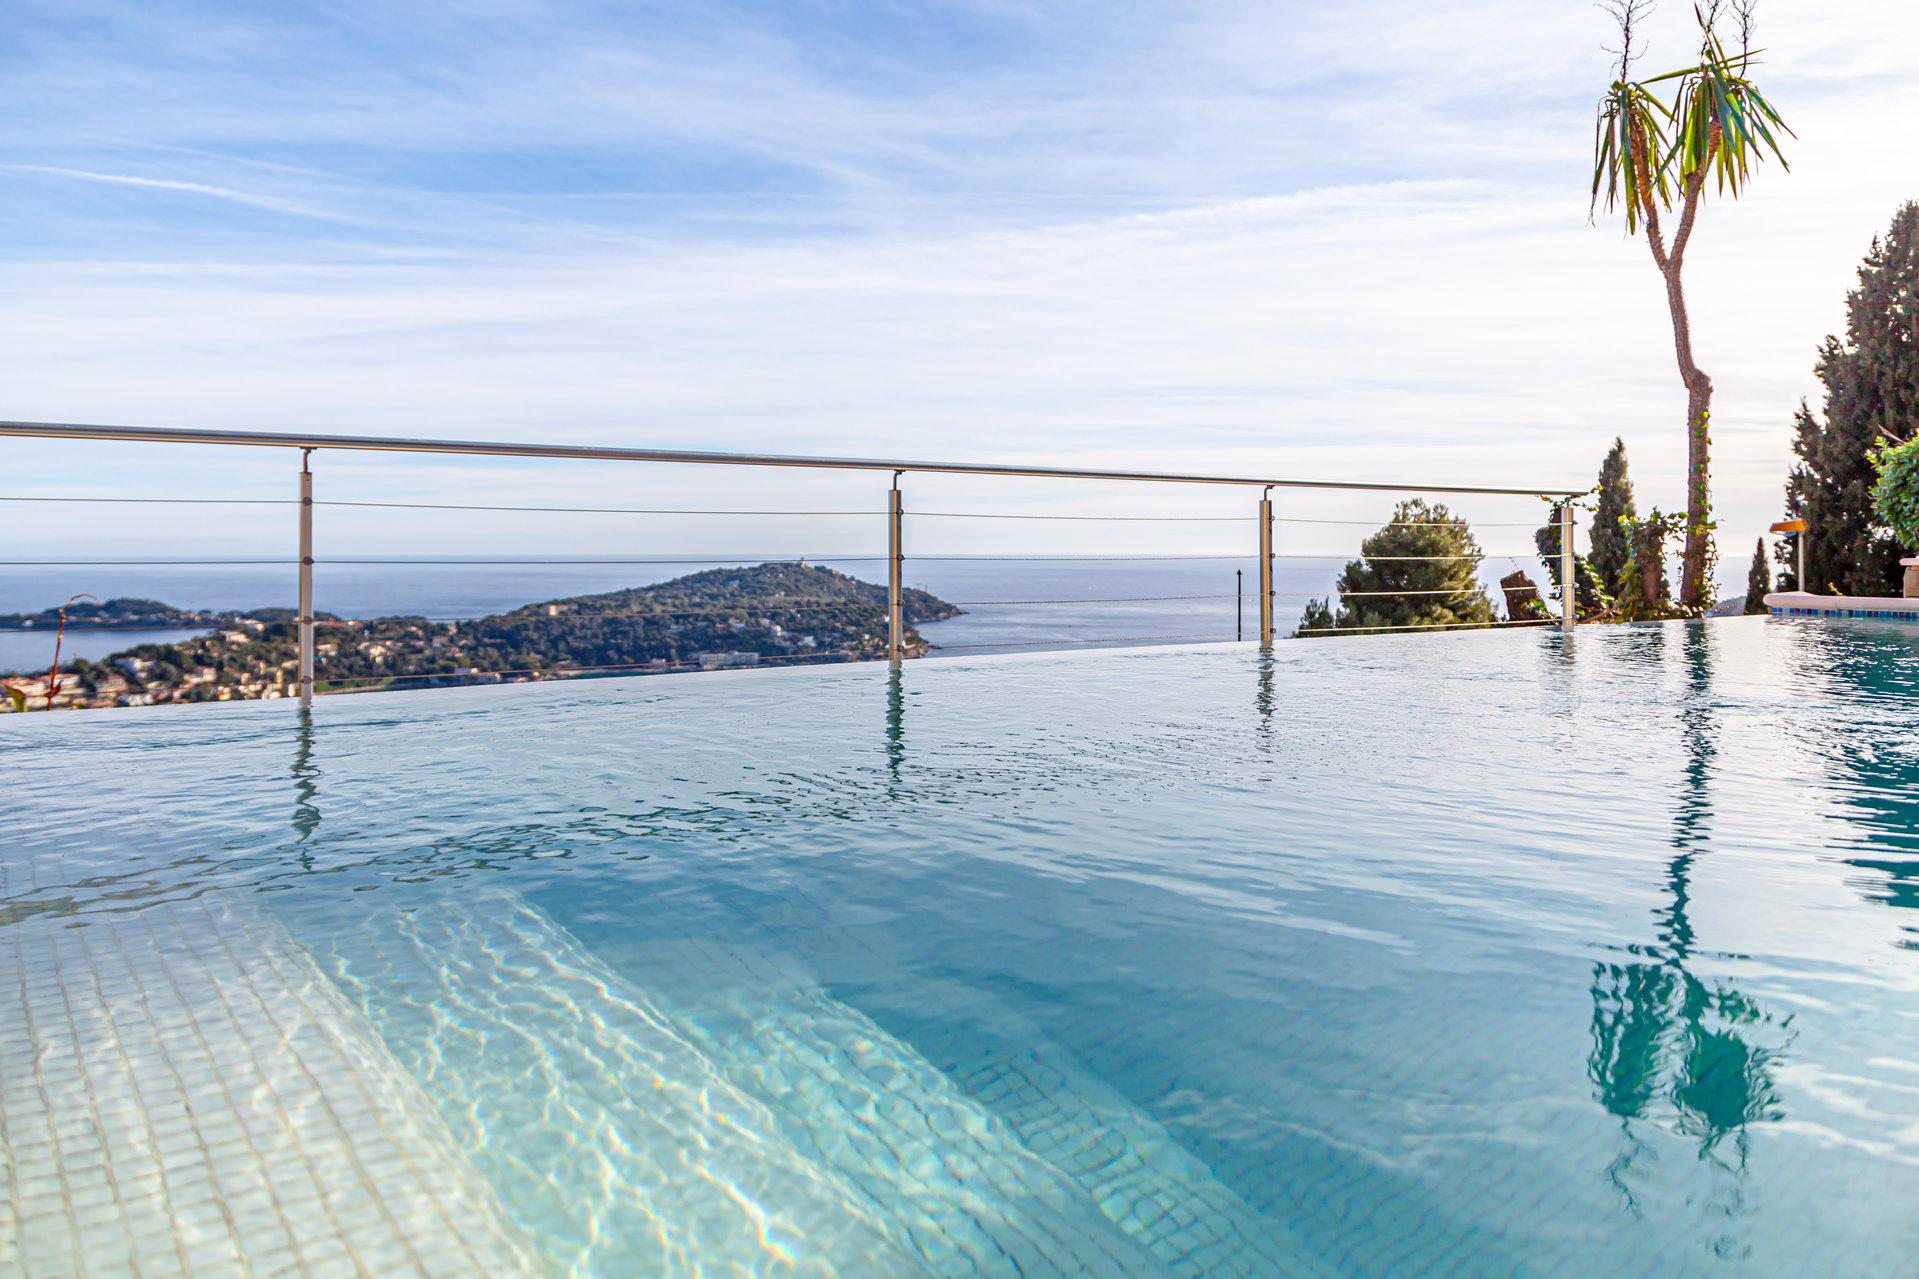 Villefranche-Sur-Mer, Domaine du Castellet, Villa contemporaine - piscine, vue mer panoramique